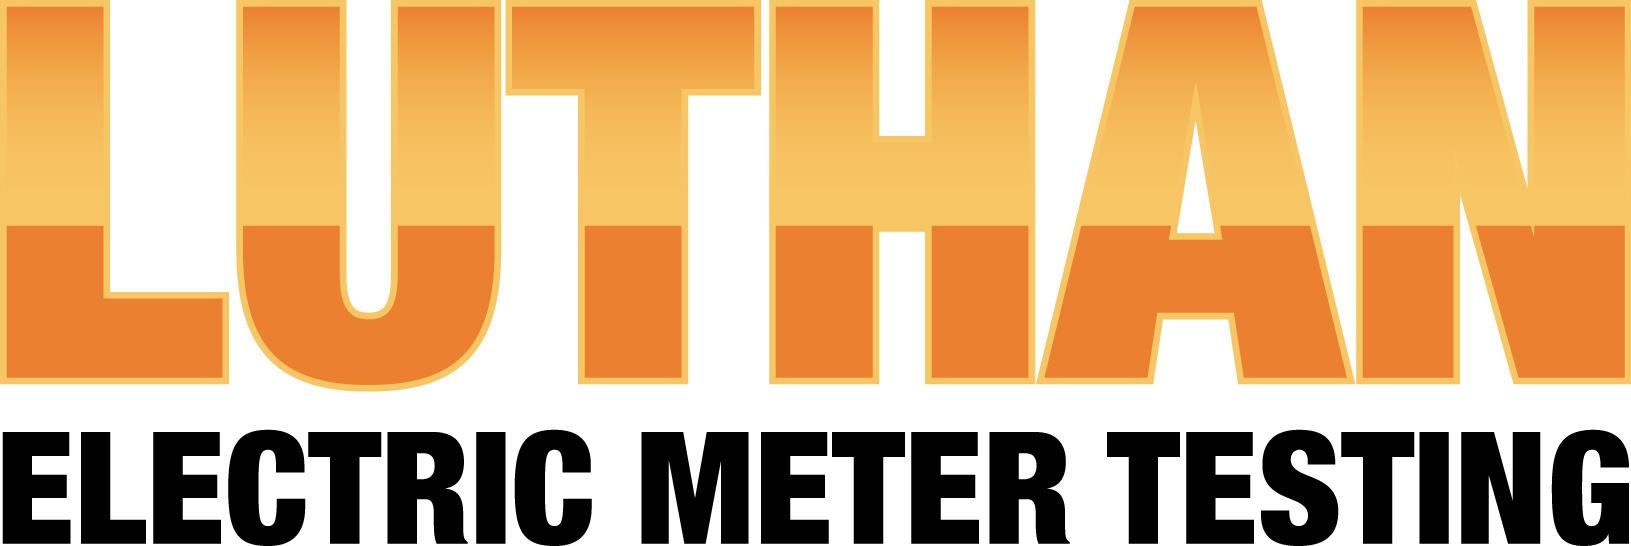 Luthan Electric Meter Testing LLC